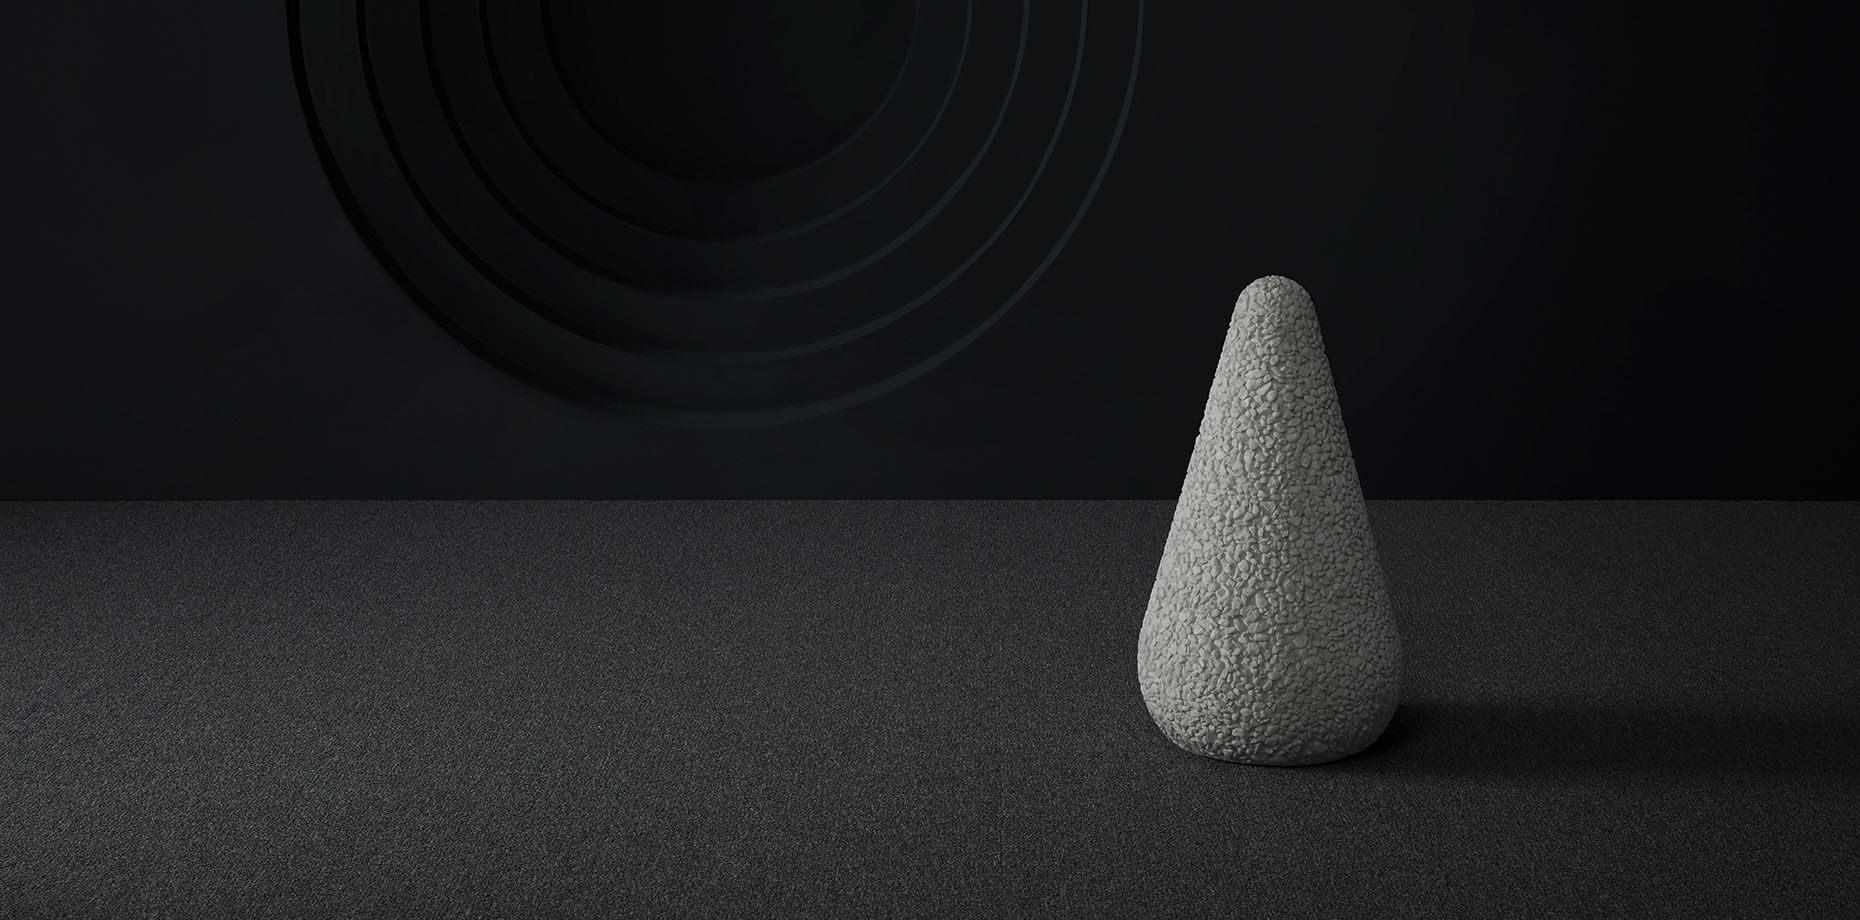 Belgotex Influence Carpet